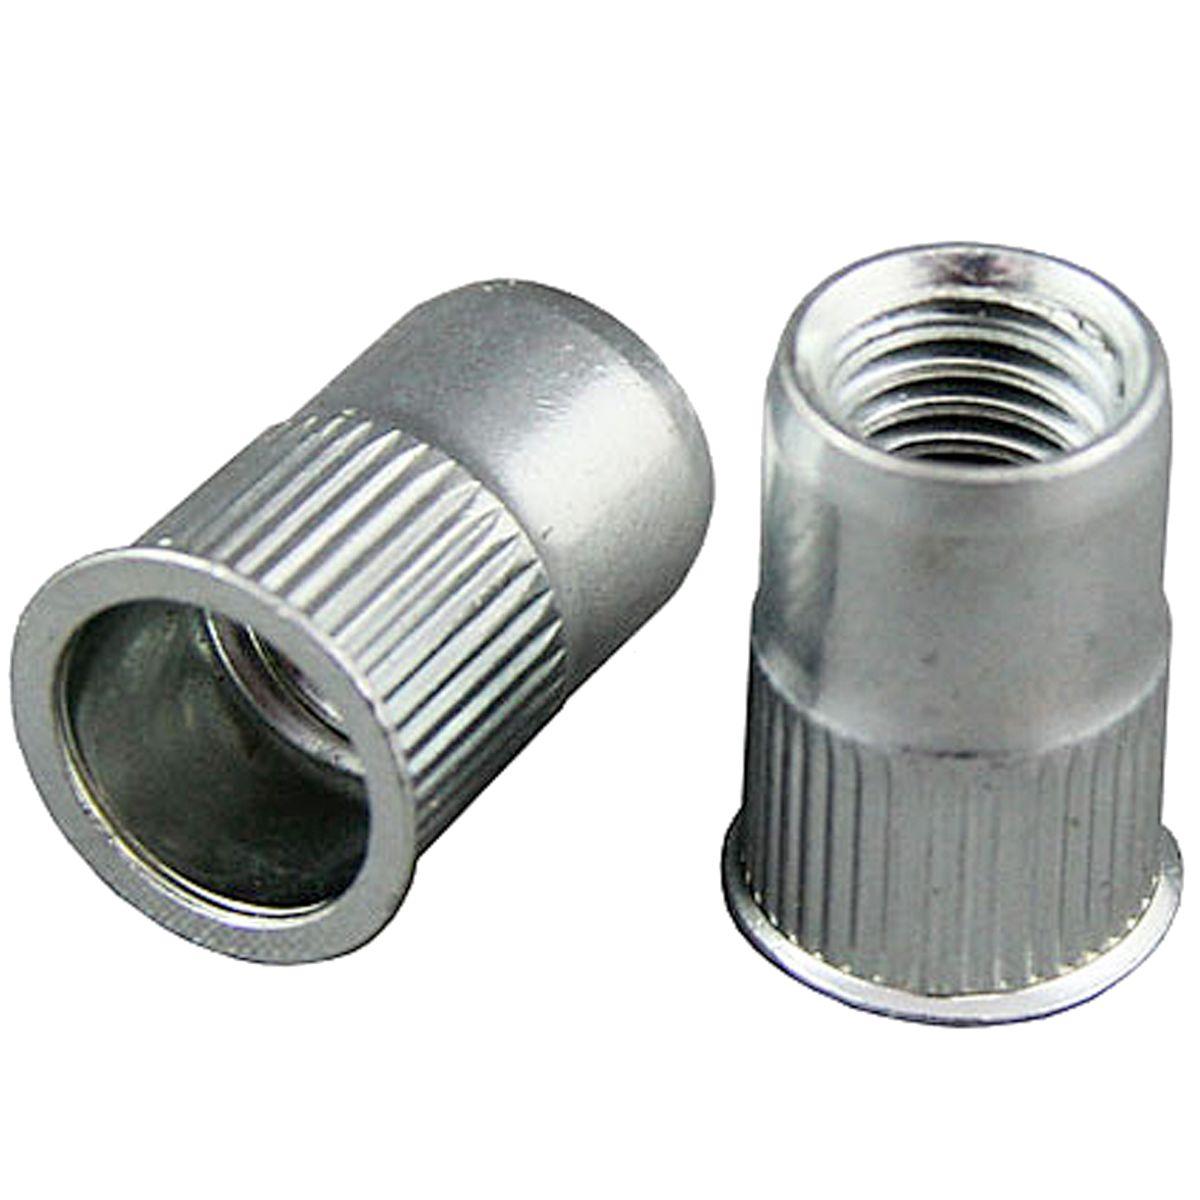 #10-24, .020-.130 Grip Aluminum Ribbed Rivet Nuts — Coarse, 50/PKG